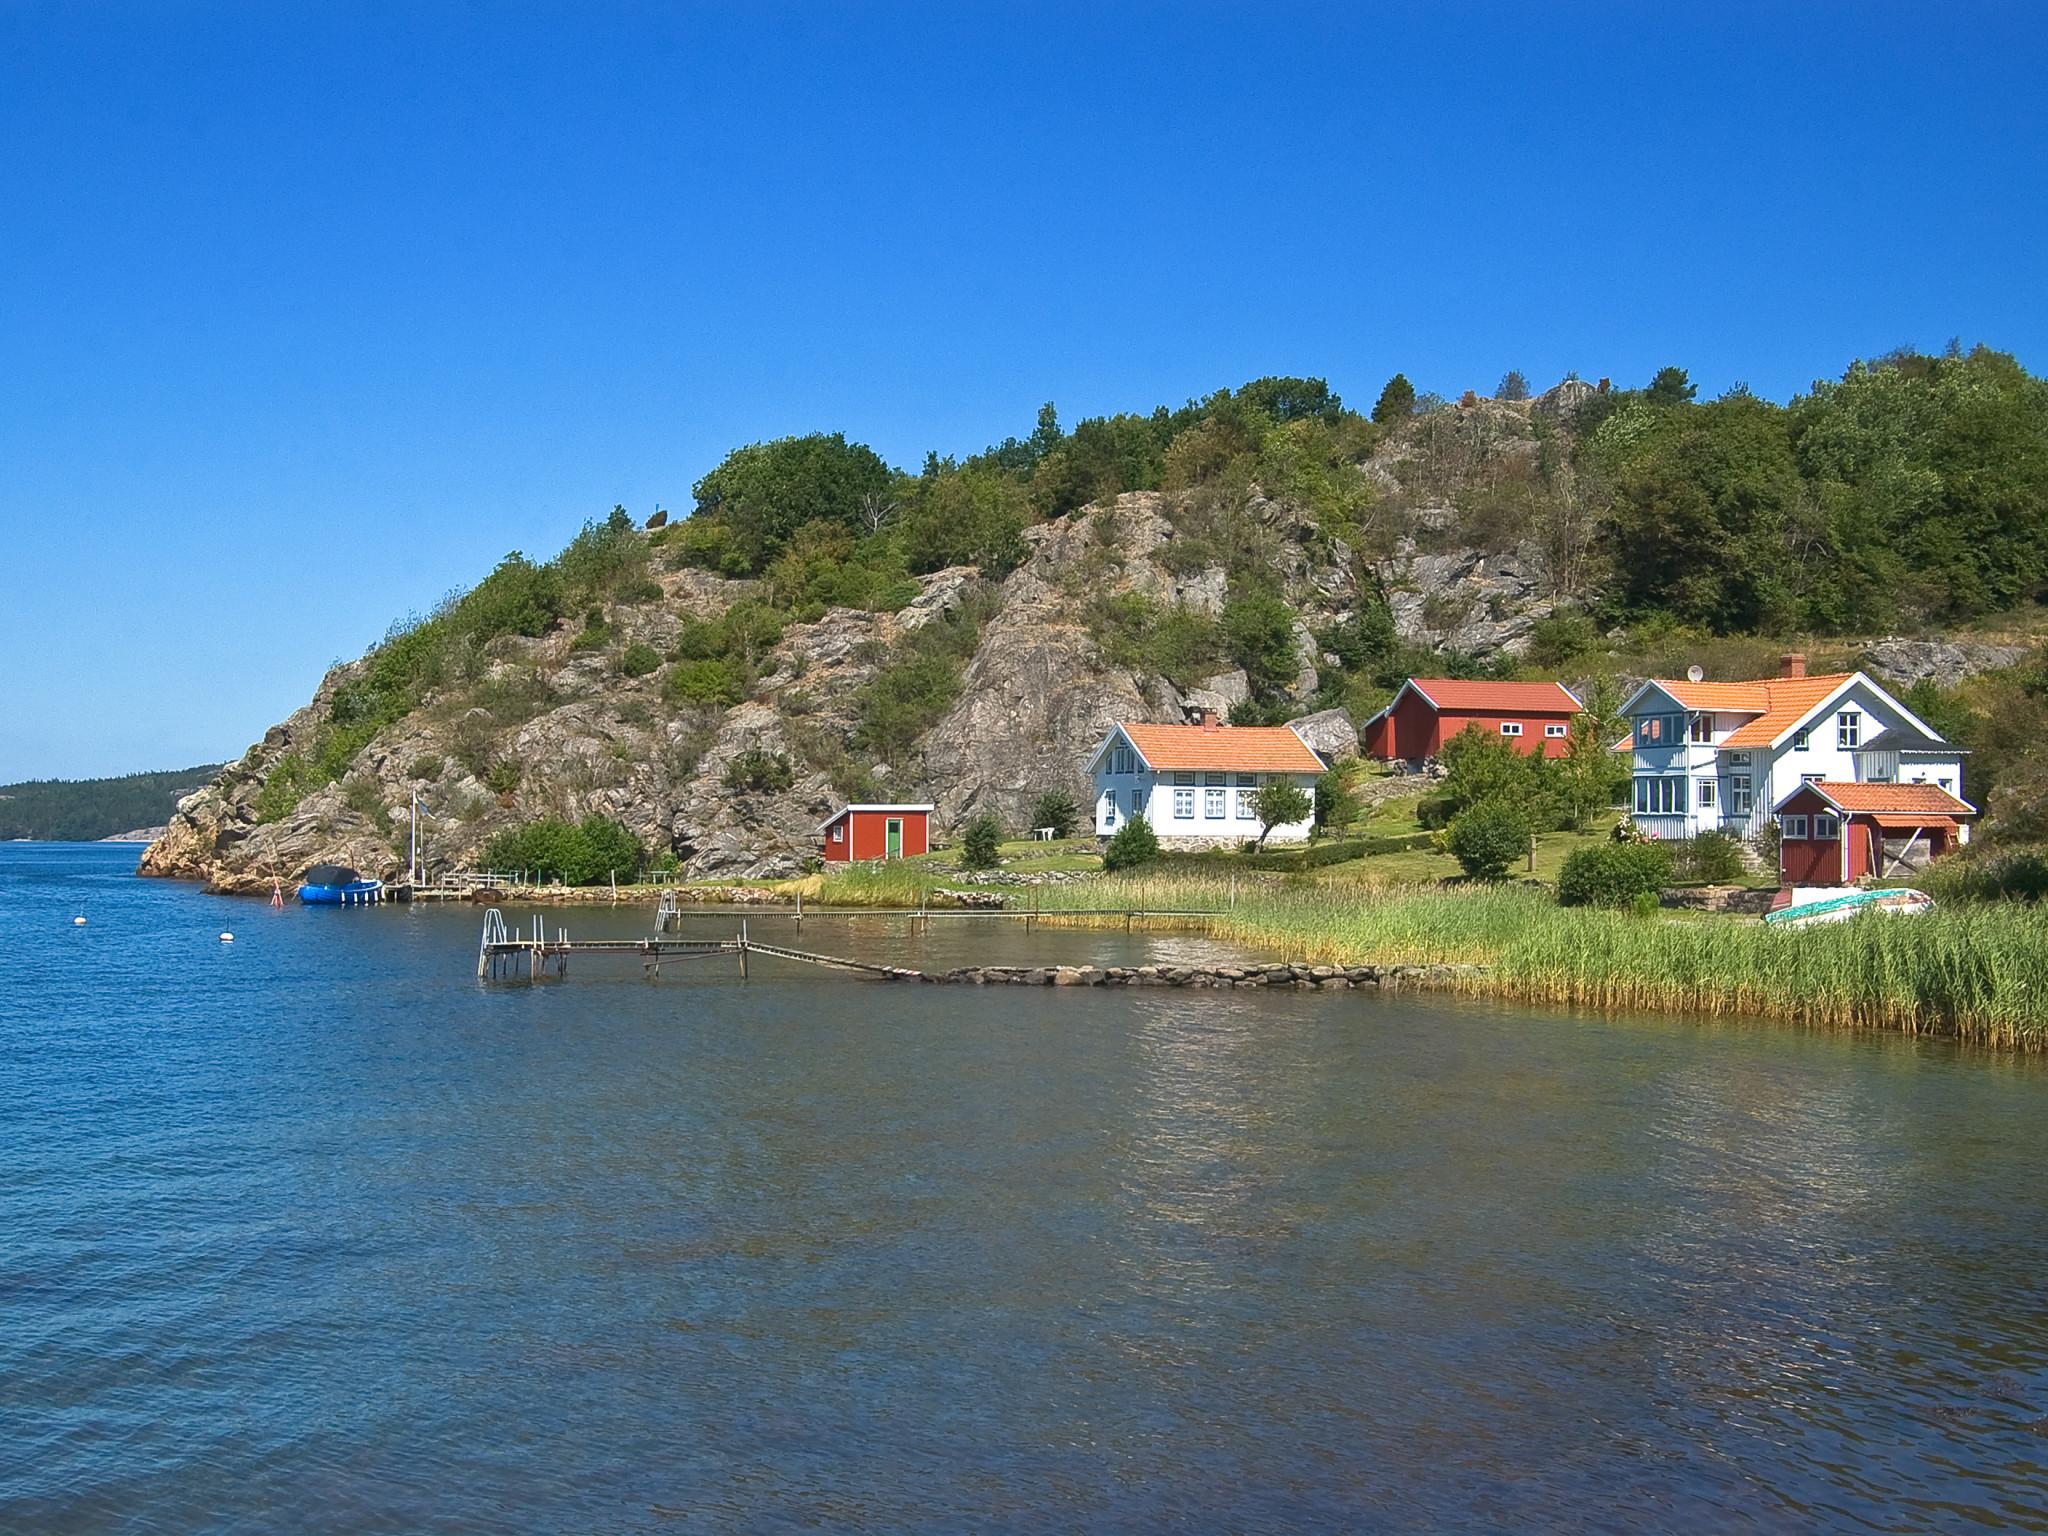 Hav, småhus och bryggor ute vid Sveriges västkust